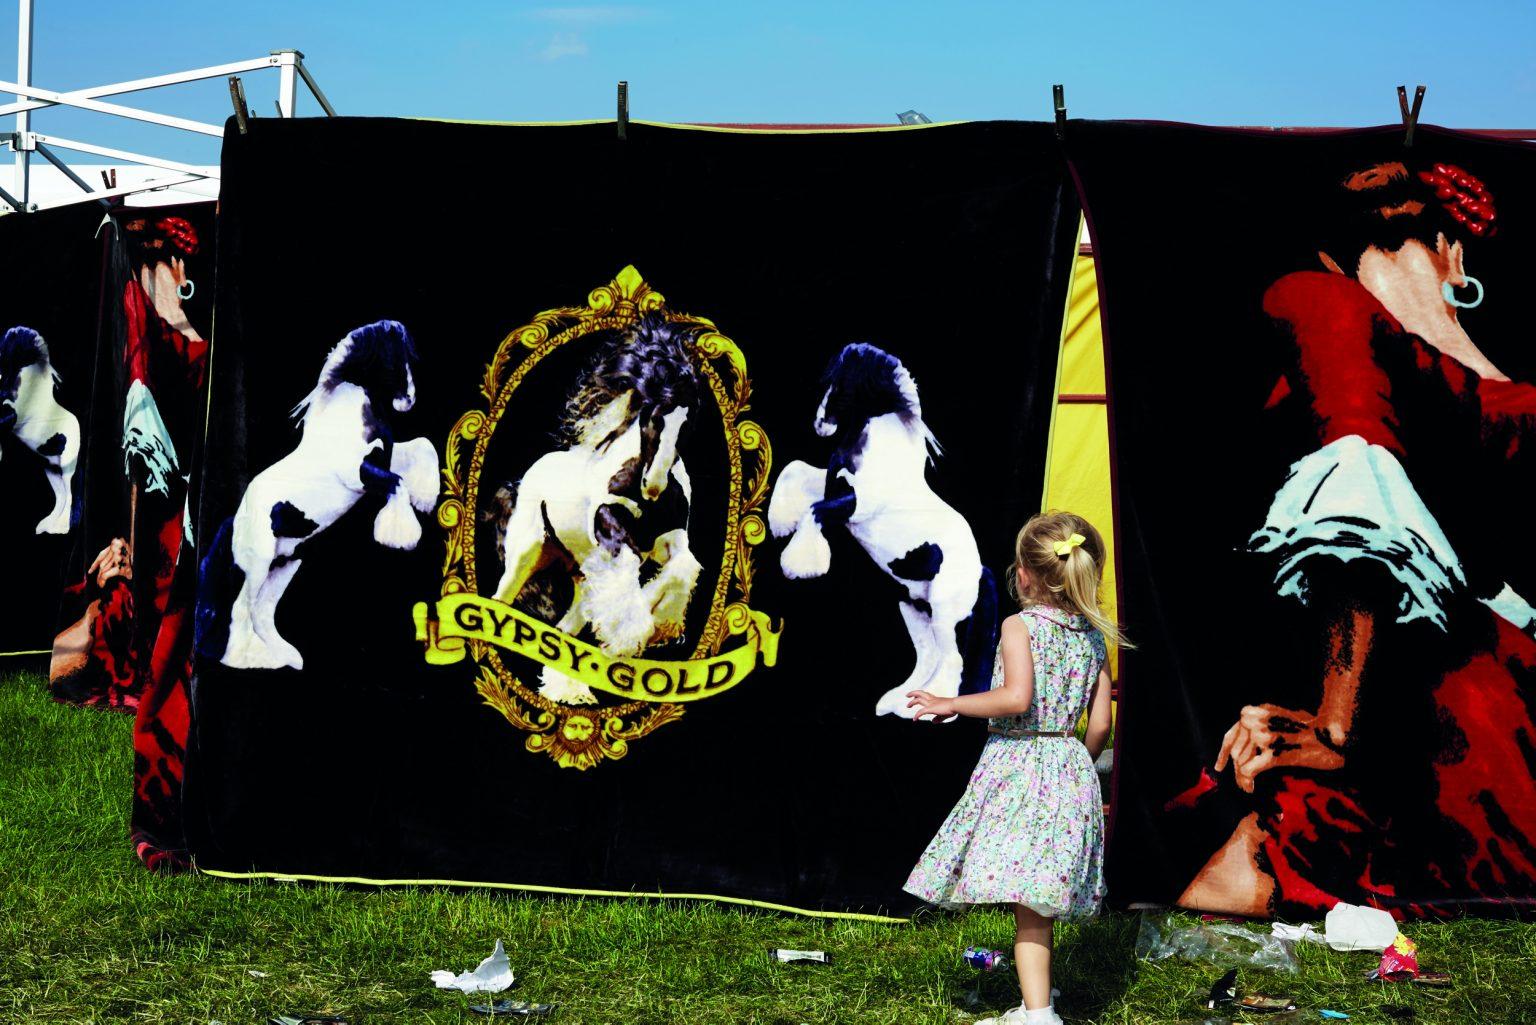 Appleby, United Kingdom, June 2016 - Appleby Horse Fair. Little gypsy girl playing with rugs in the parking lot market. ><  Appleby, Regno Unito, giugno 2016 - Appleby Horse Fair. Una bambina gitana gioca con dei tappeti nel parcheggio del negozio. *** Local Caption ***